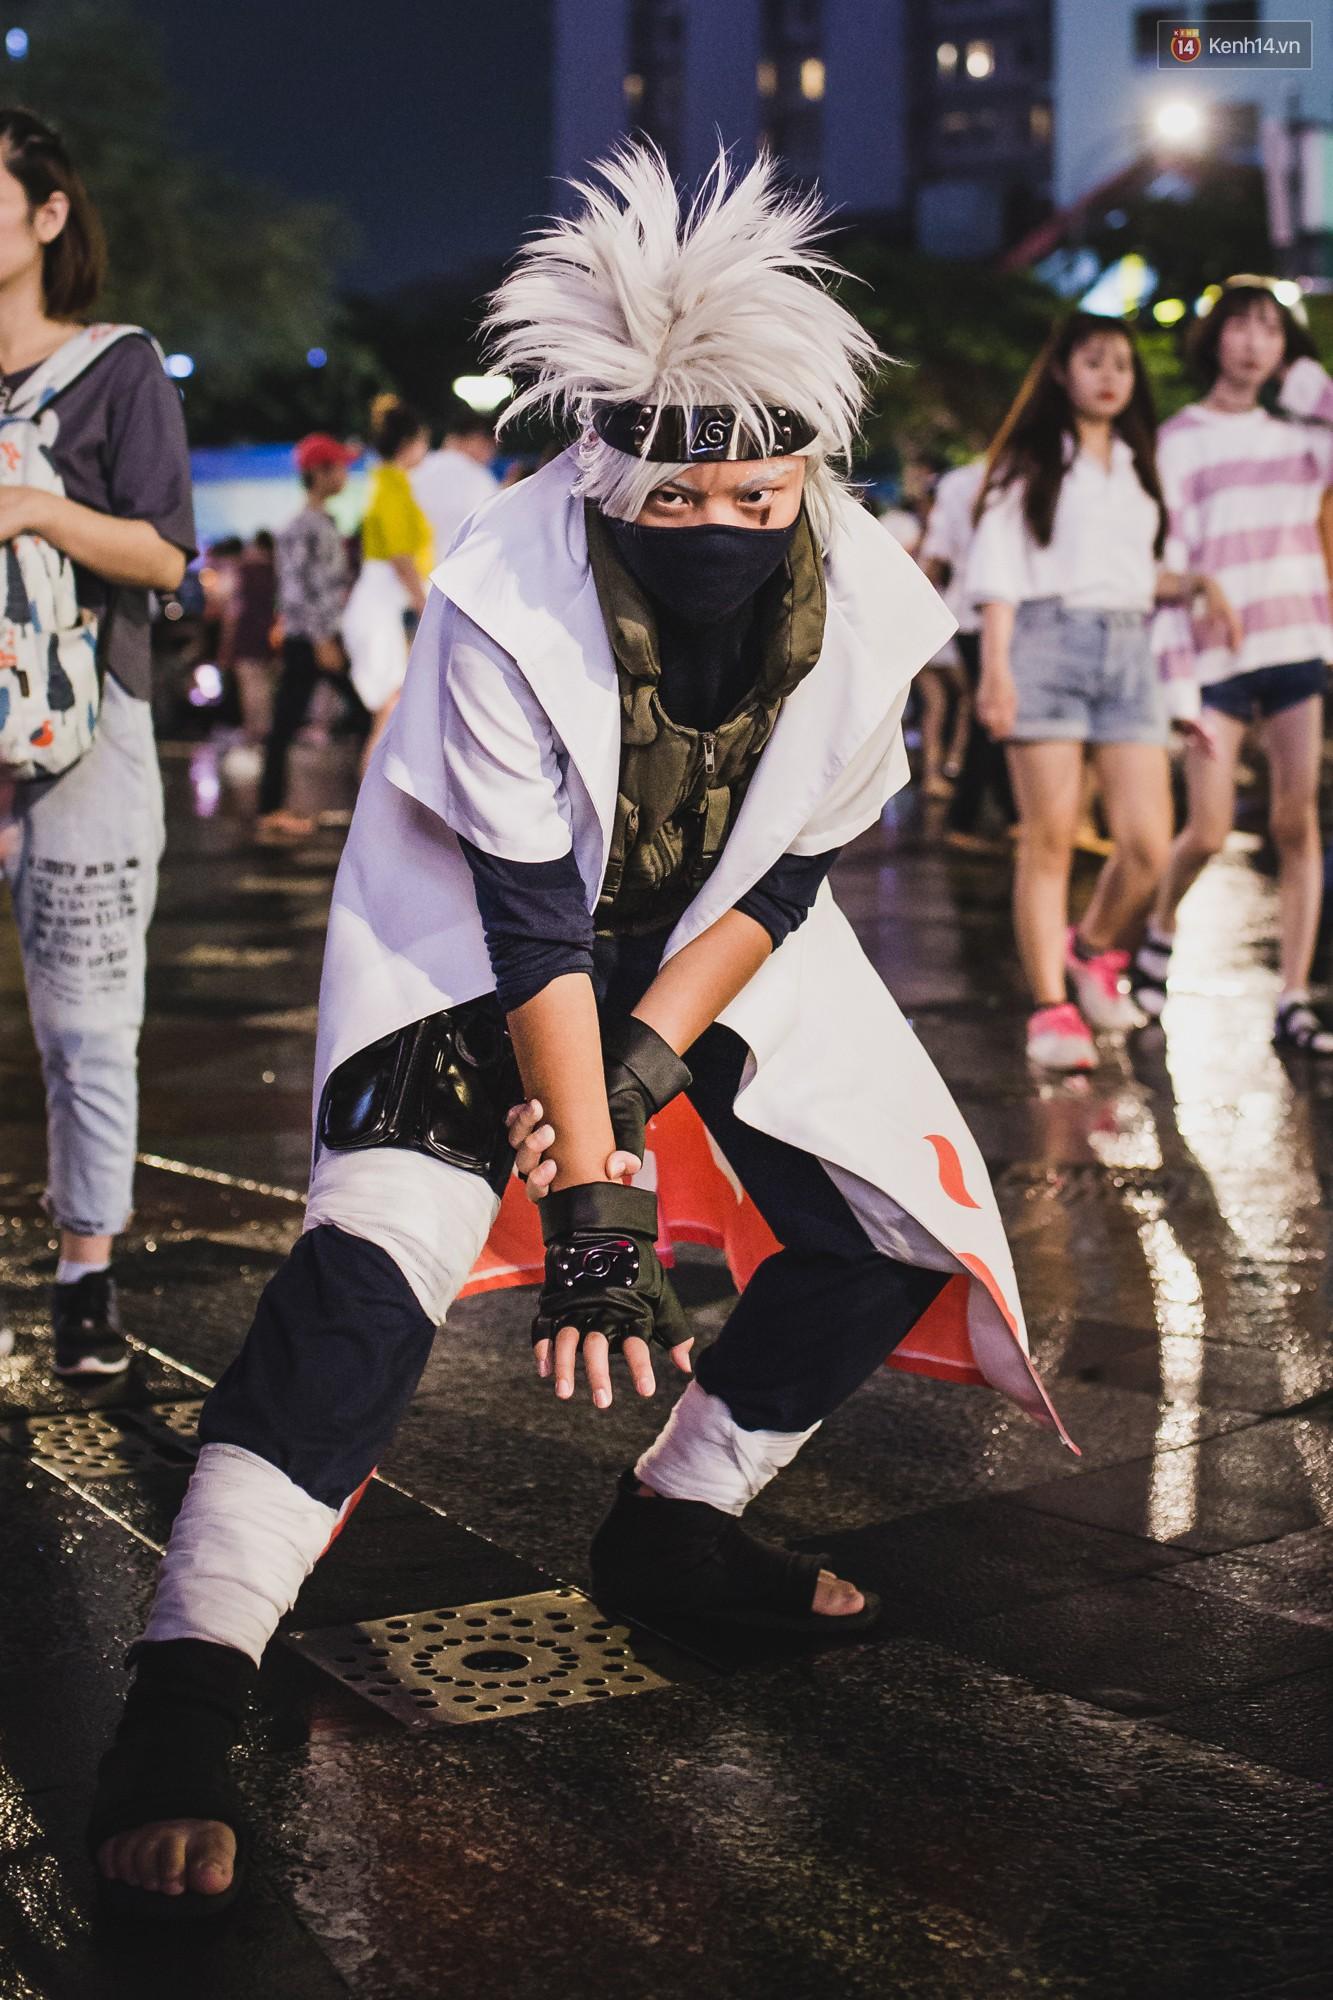 Hà Nội và Sài Gòn tràn ngập ma quỷ đêm Halloween: Từ cương thi, vô diện đến phù thủy tưng bừng xuống phố - Ảnh 12.